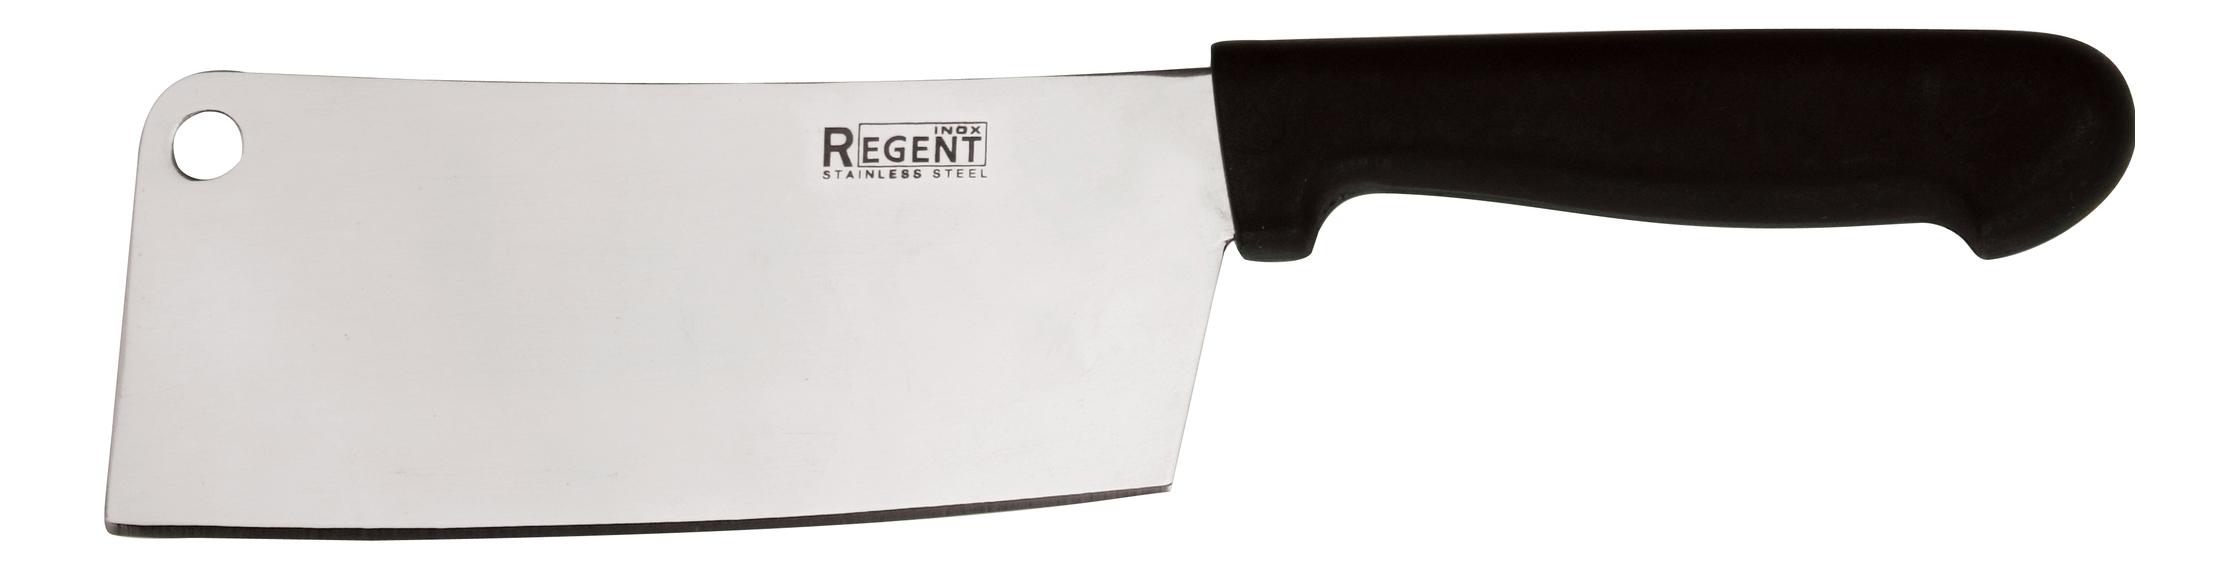 Топорик для мяса REGENT inox 93-PP-8 16.5 см